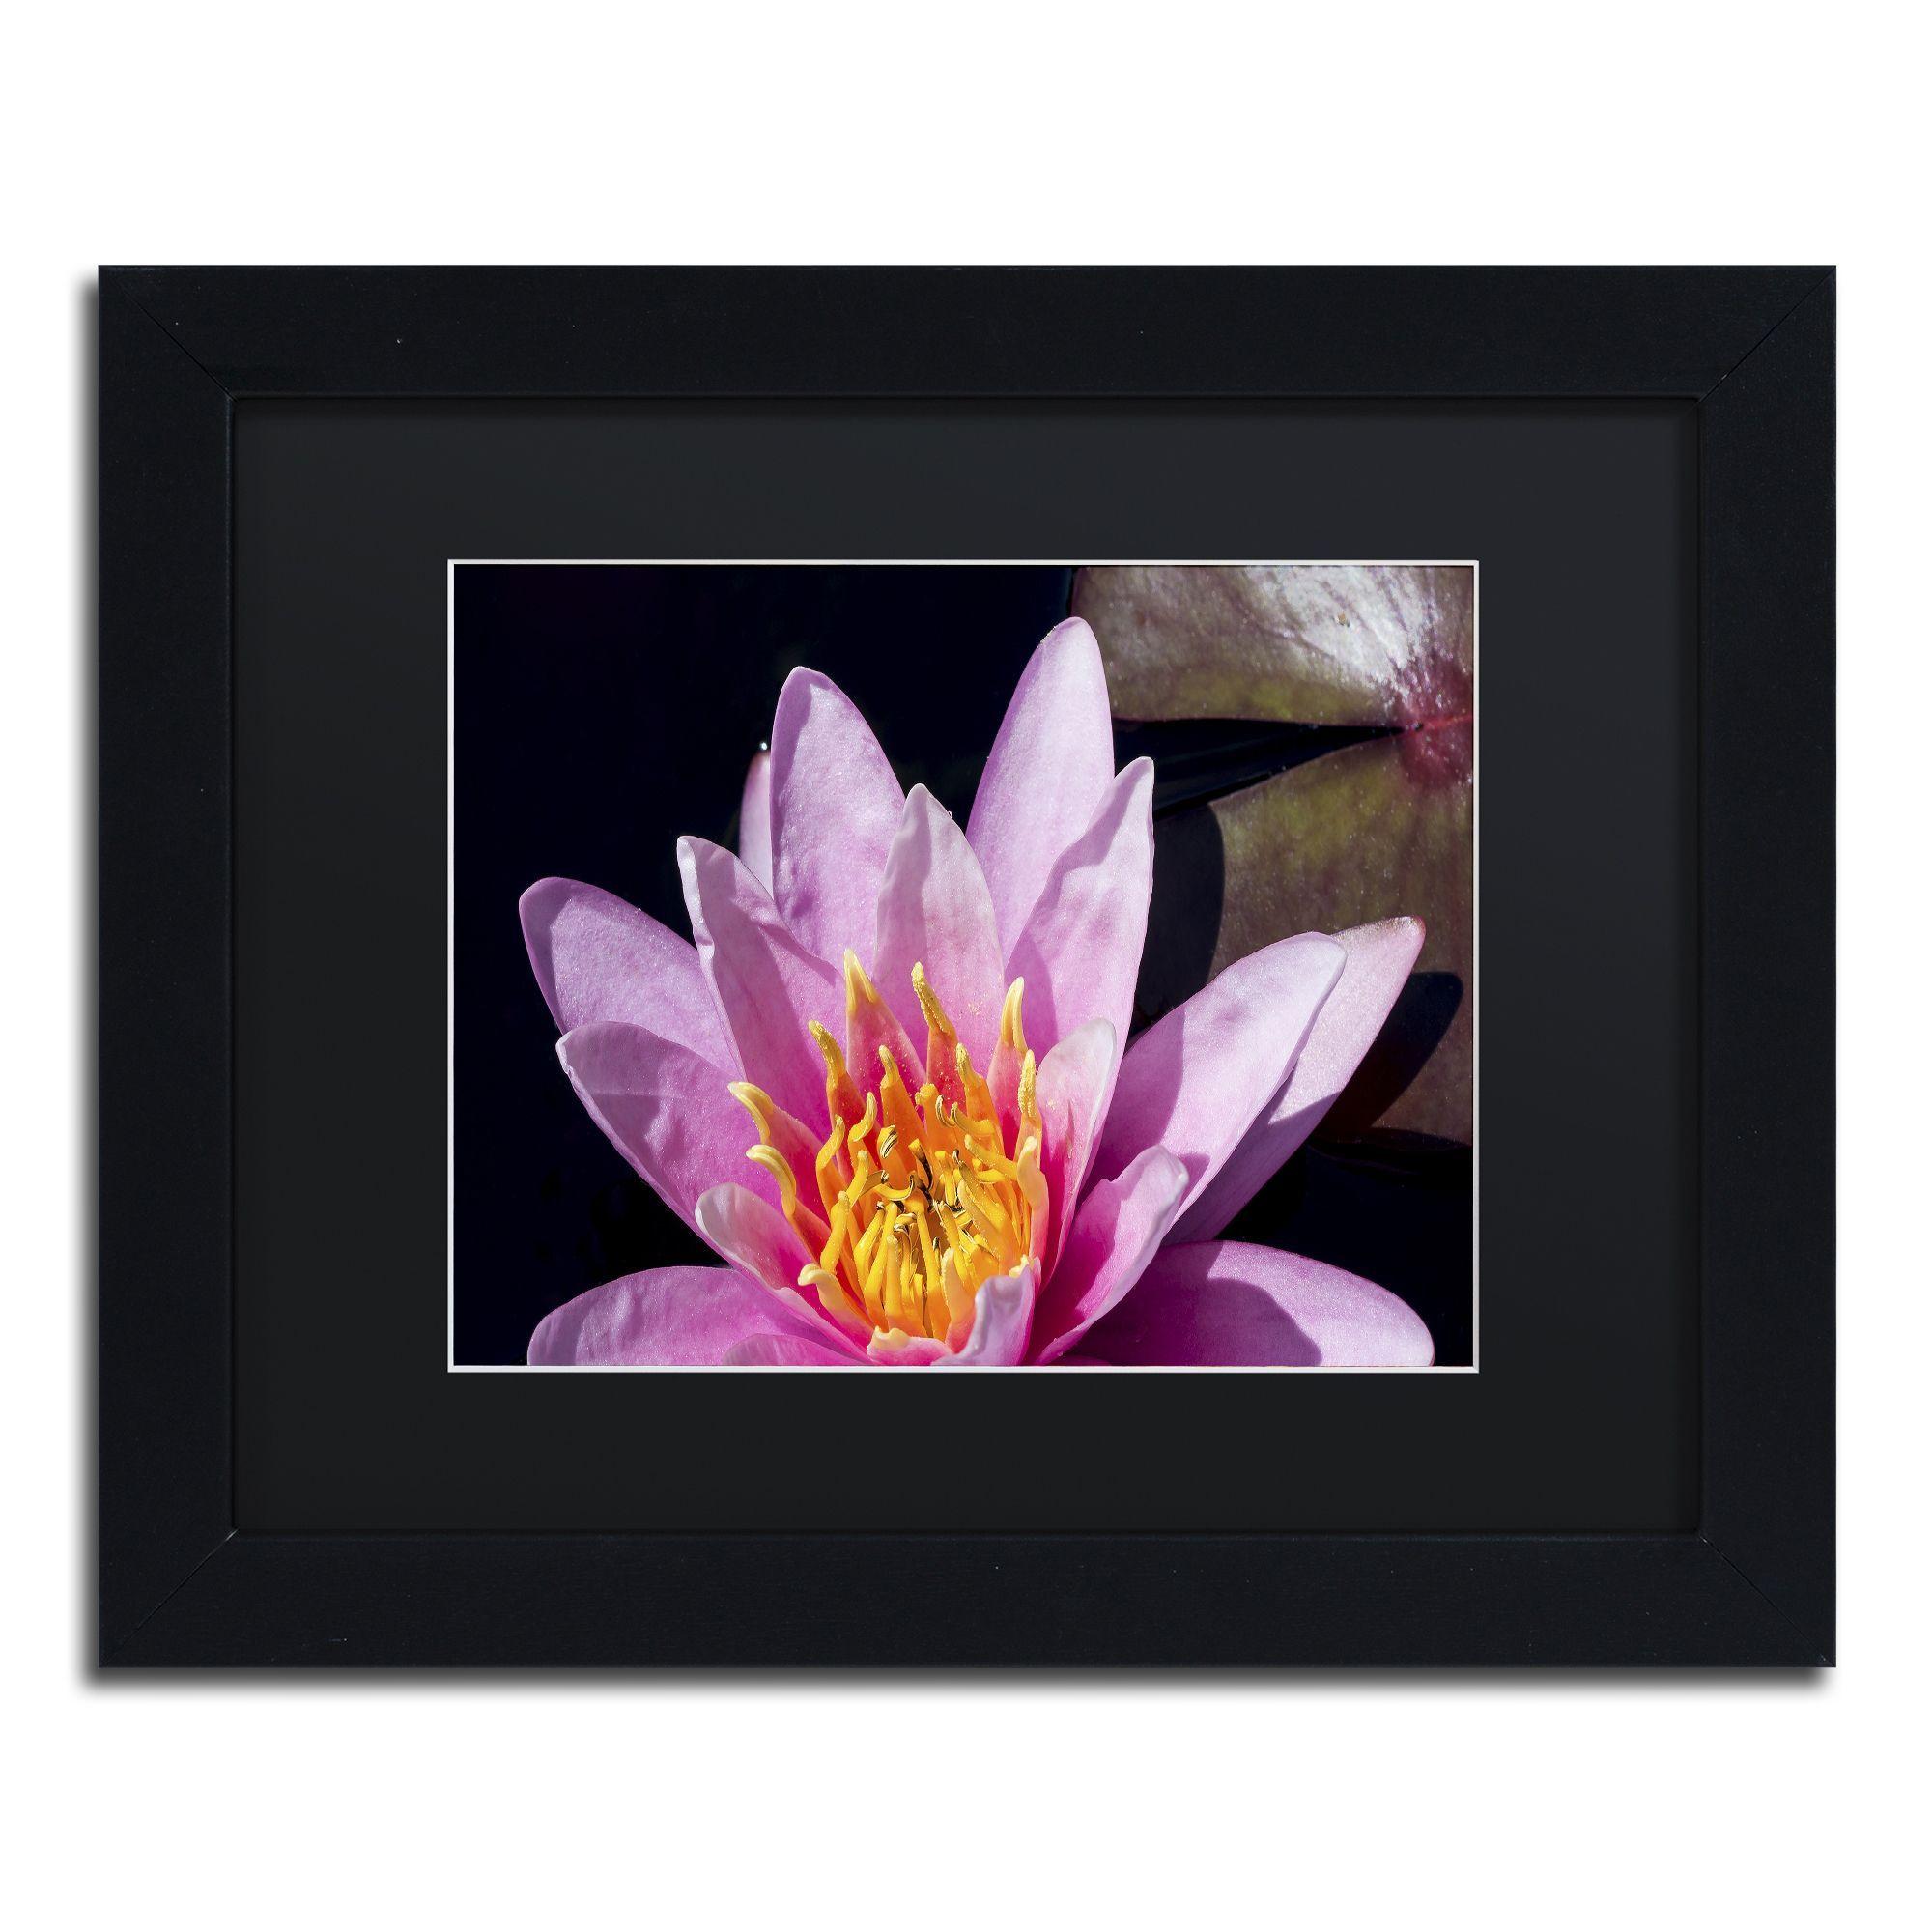 Kurt Shaffer 'Pink Water Lily' Matted Framed Art